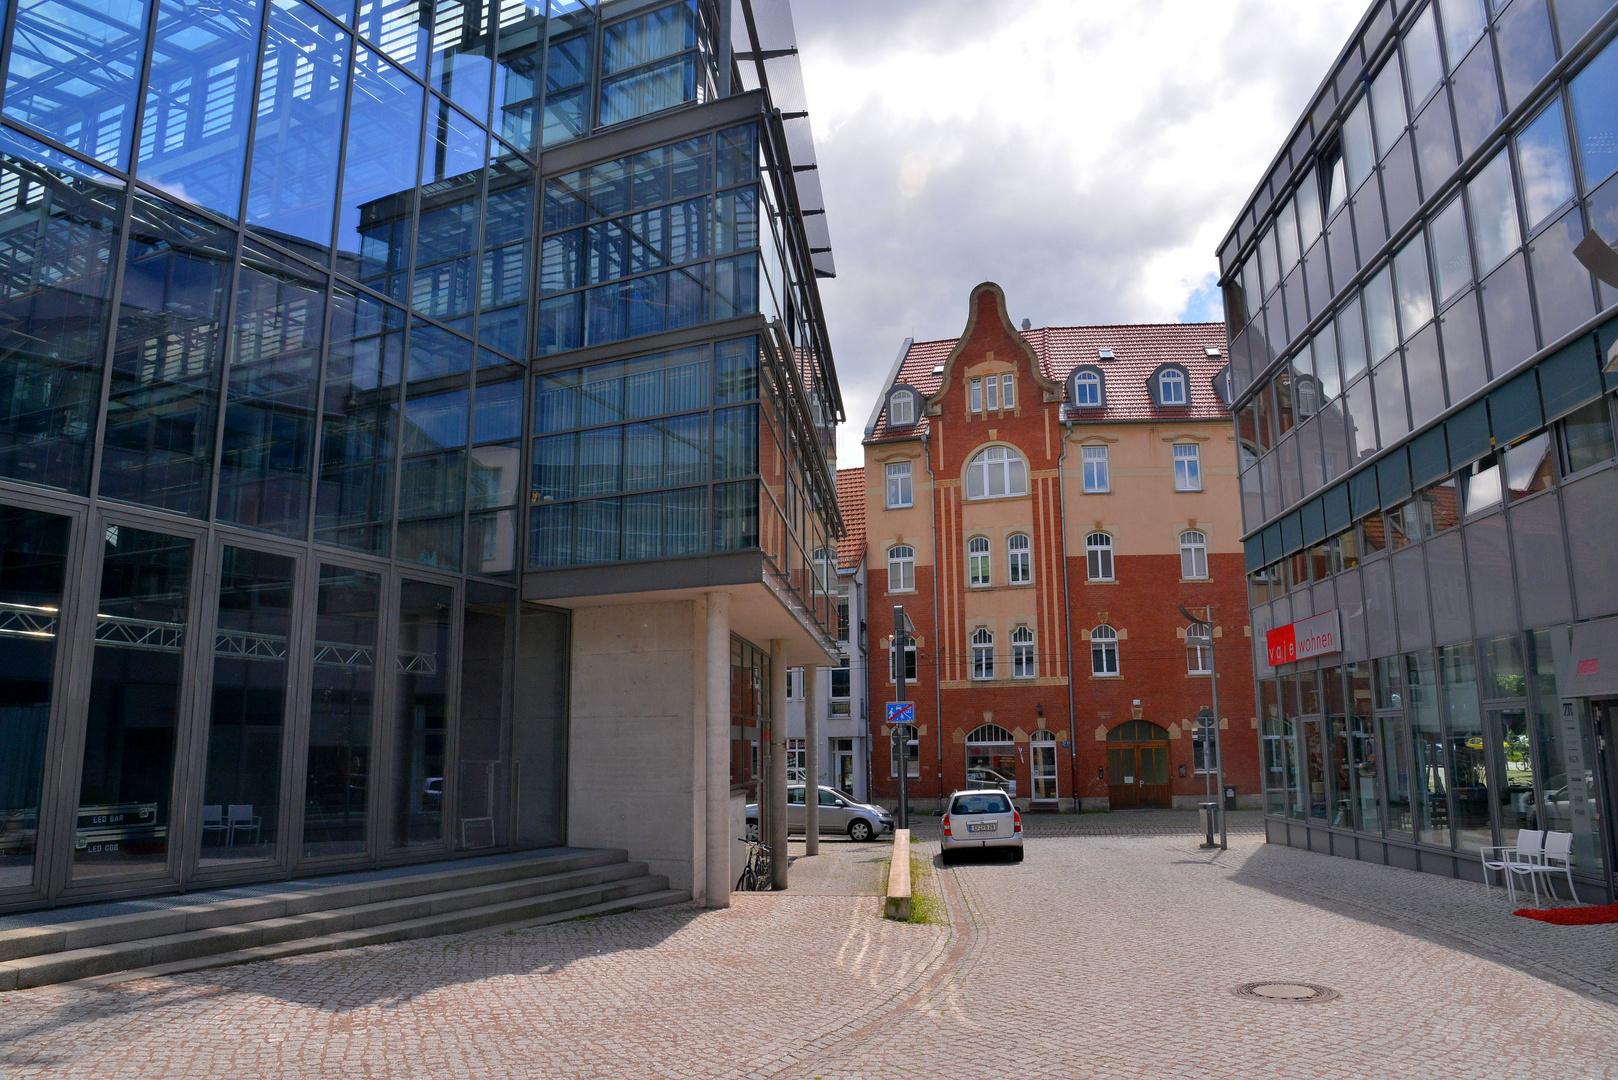 Erfurt, Bilder einer schönen Stadt V (imágenes de una bella ciudad V)